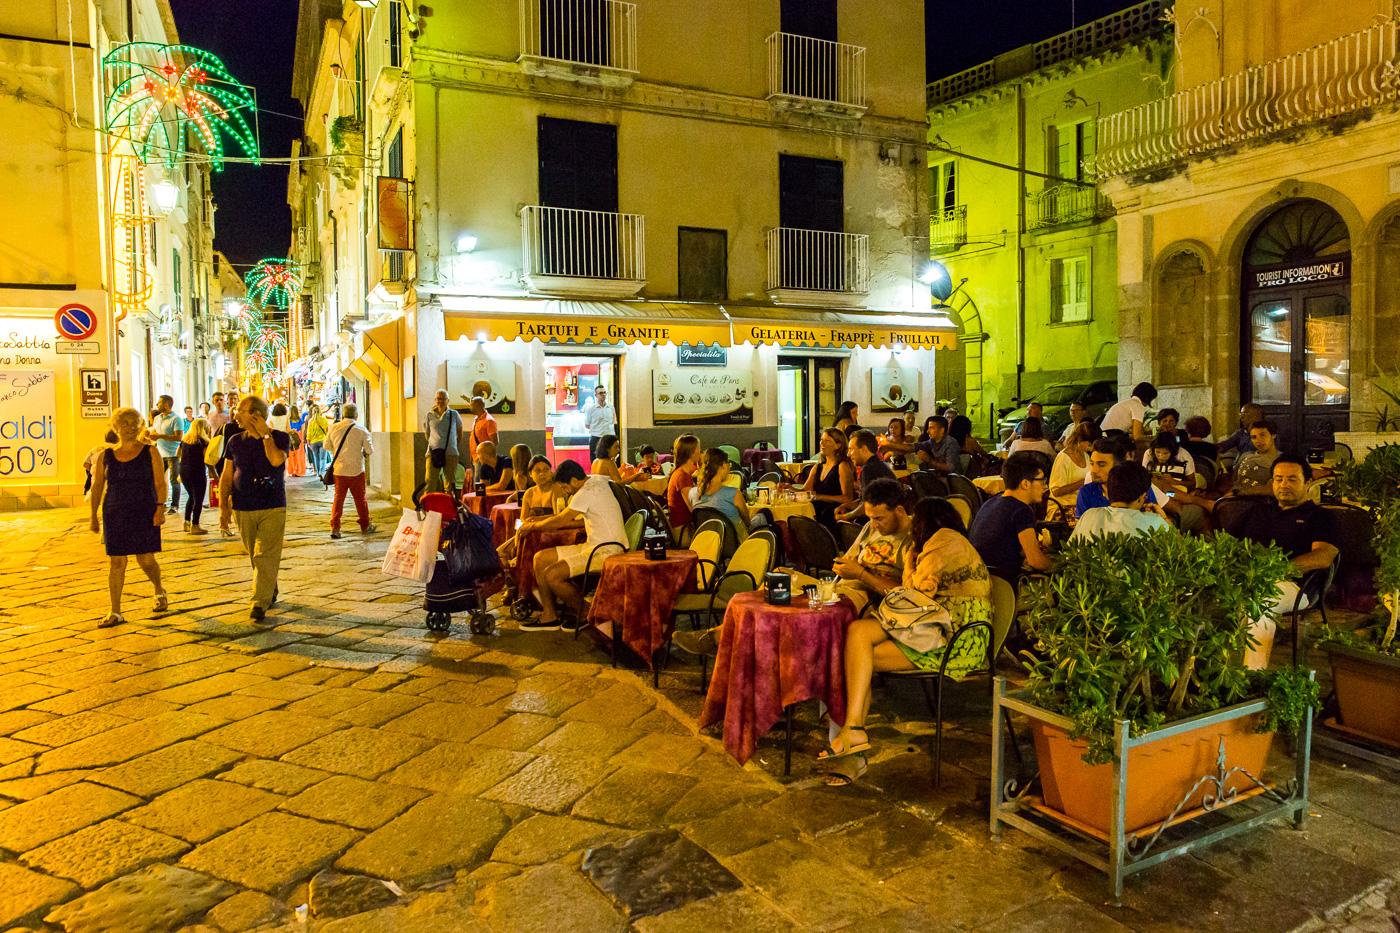 Italy_Tropea-5.jpg